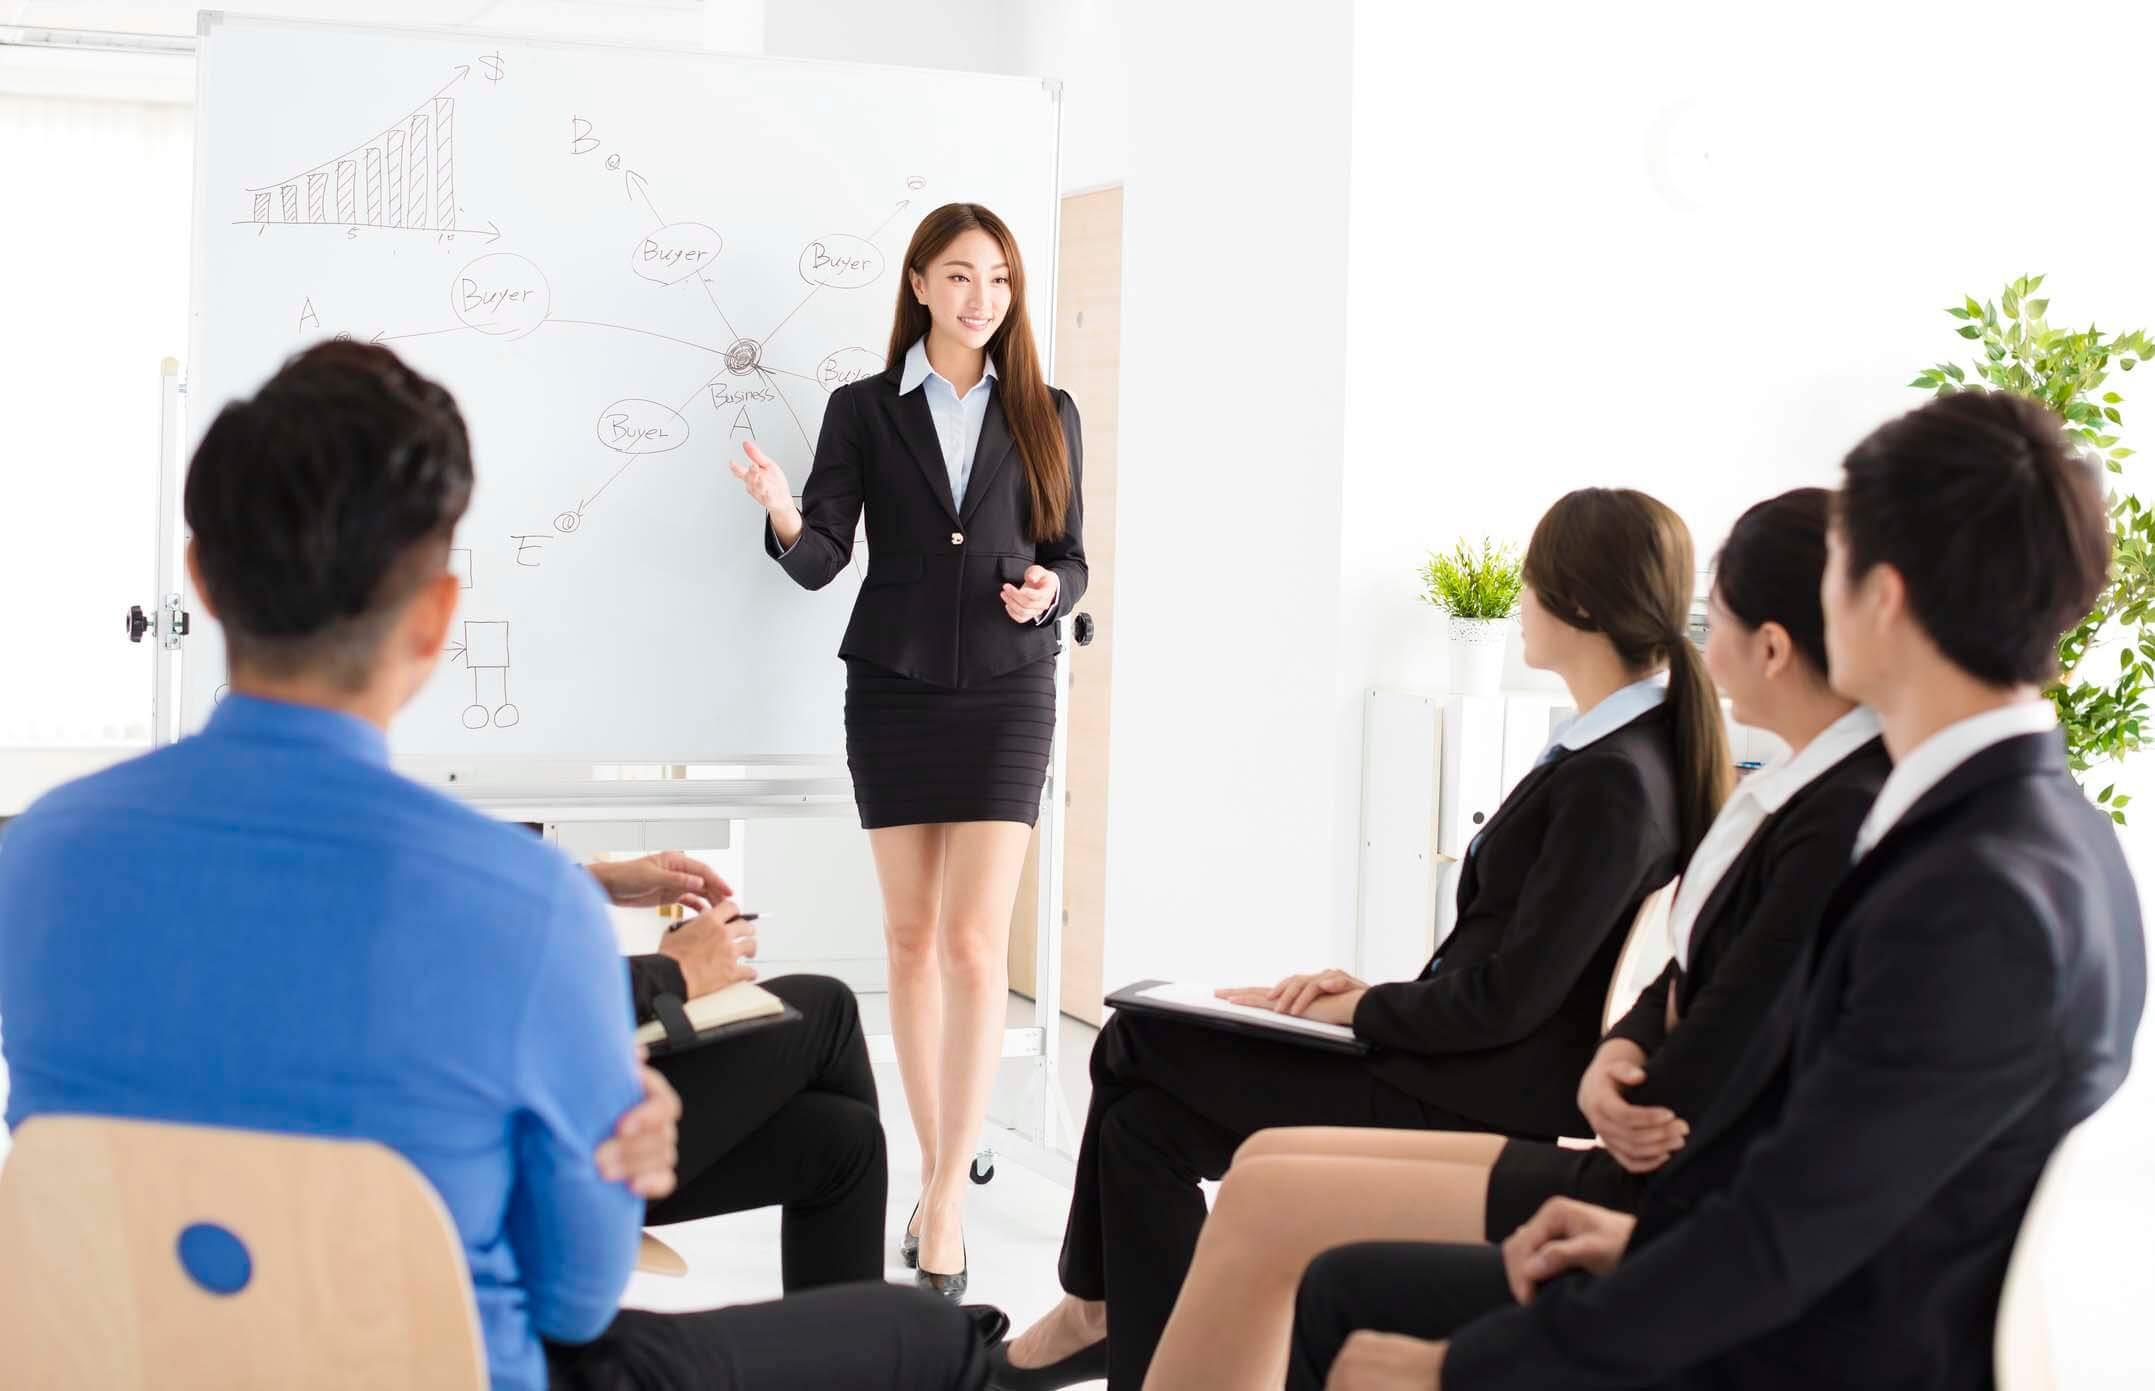 quy tắc thuyết trình trước đám đông